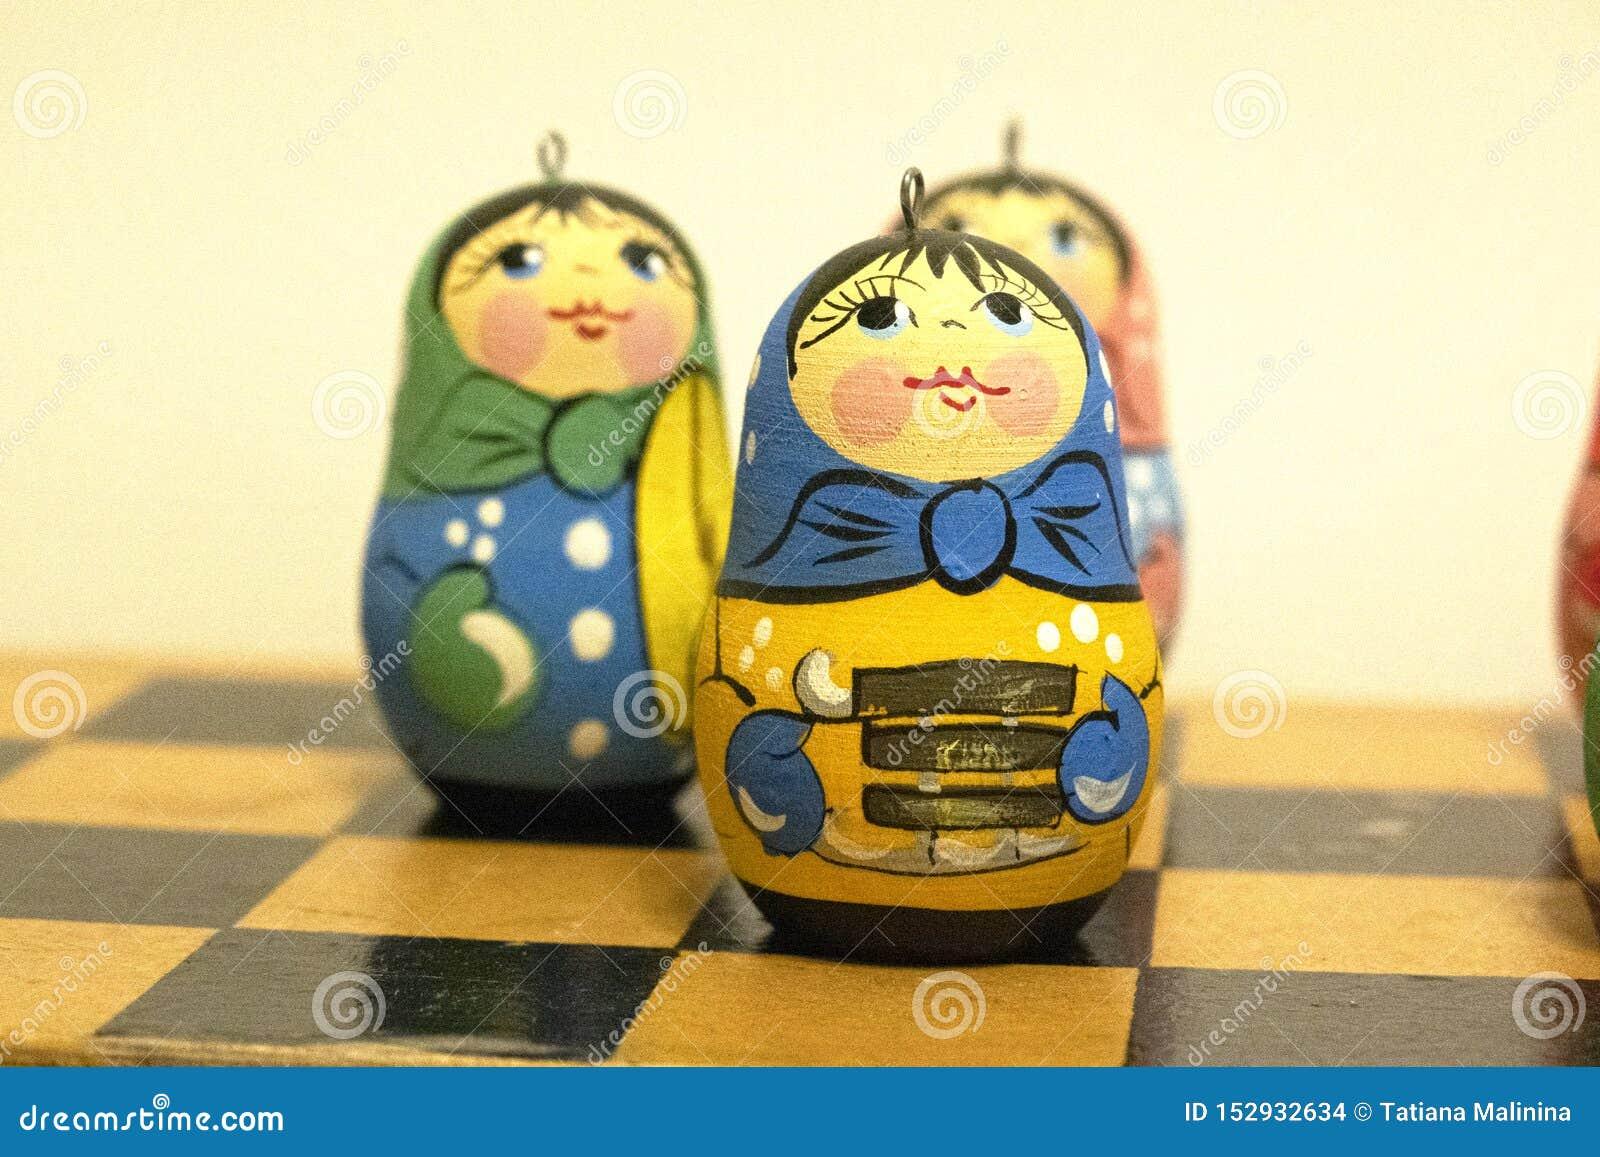 Jouets de la nouvelle année s, petites poupées russes, jouets lumineux, célébration